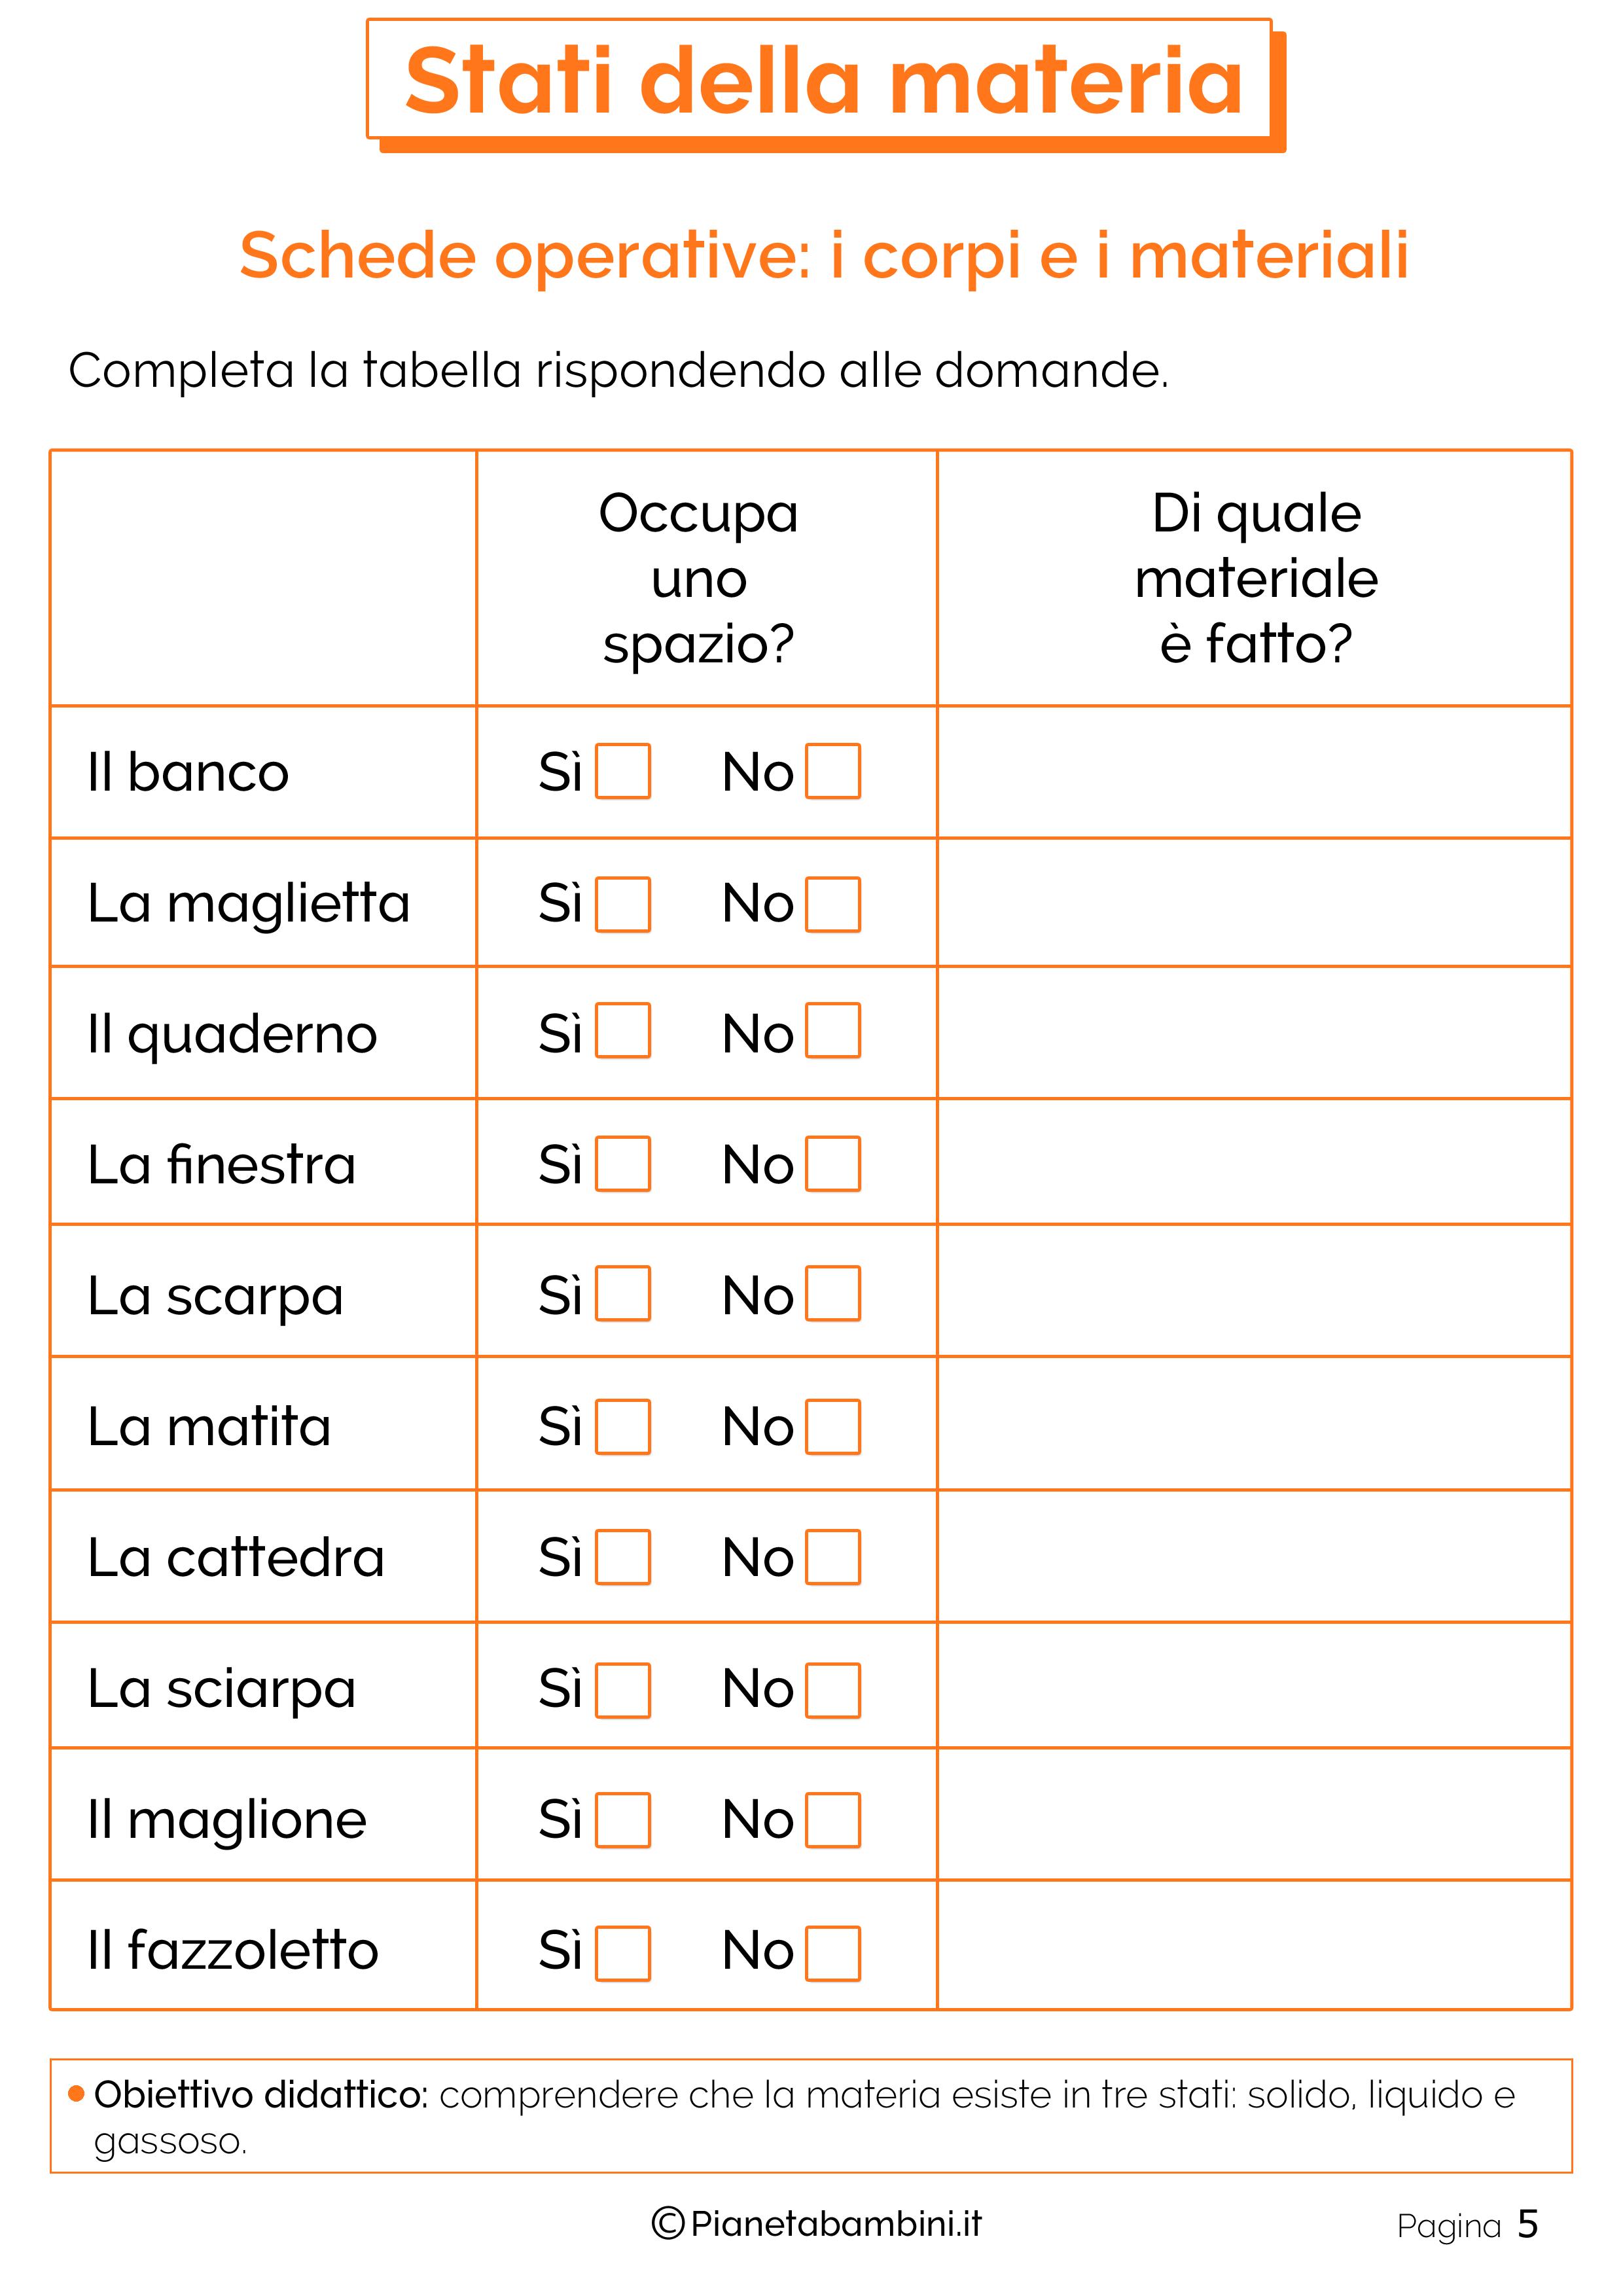 Scheda didattica sugli stati della materia 5